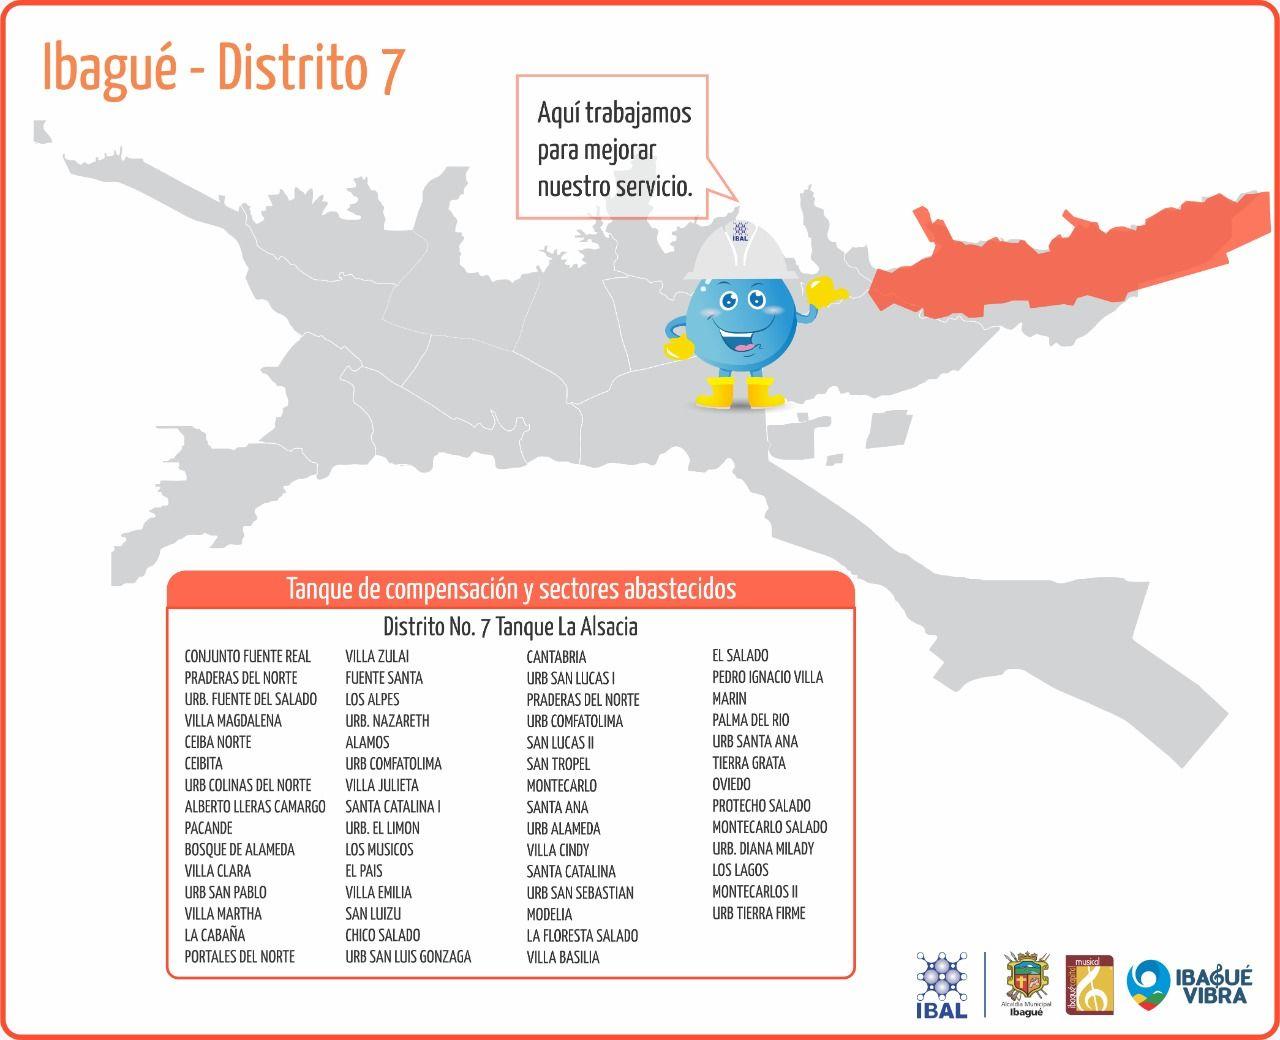 Ibal reporta bajas presiones en el servicio de agua en la comuna Siete